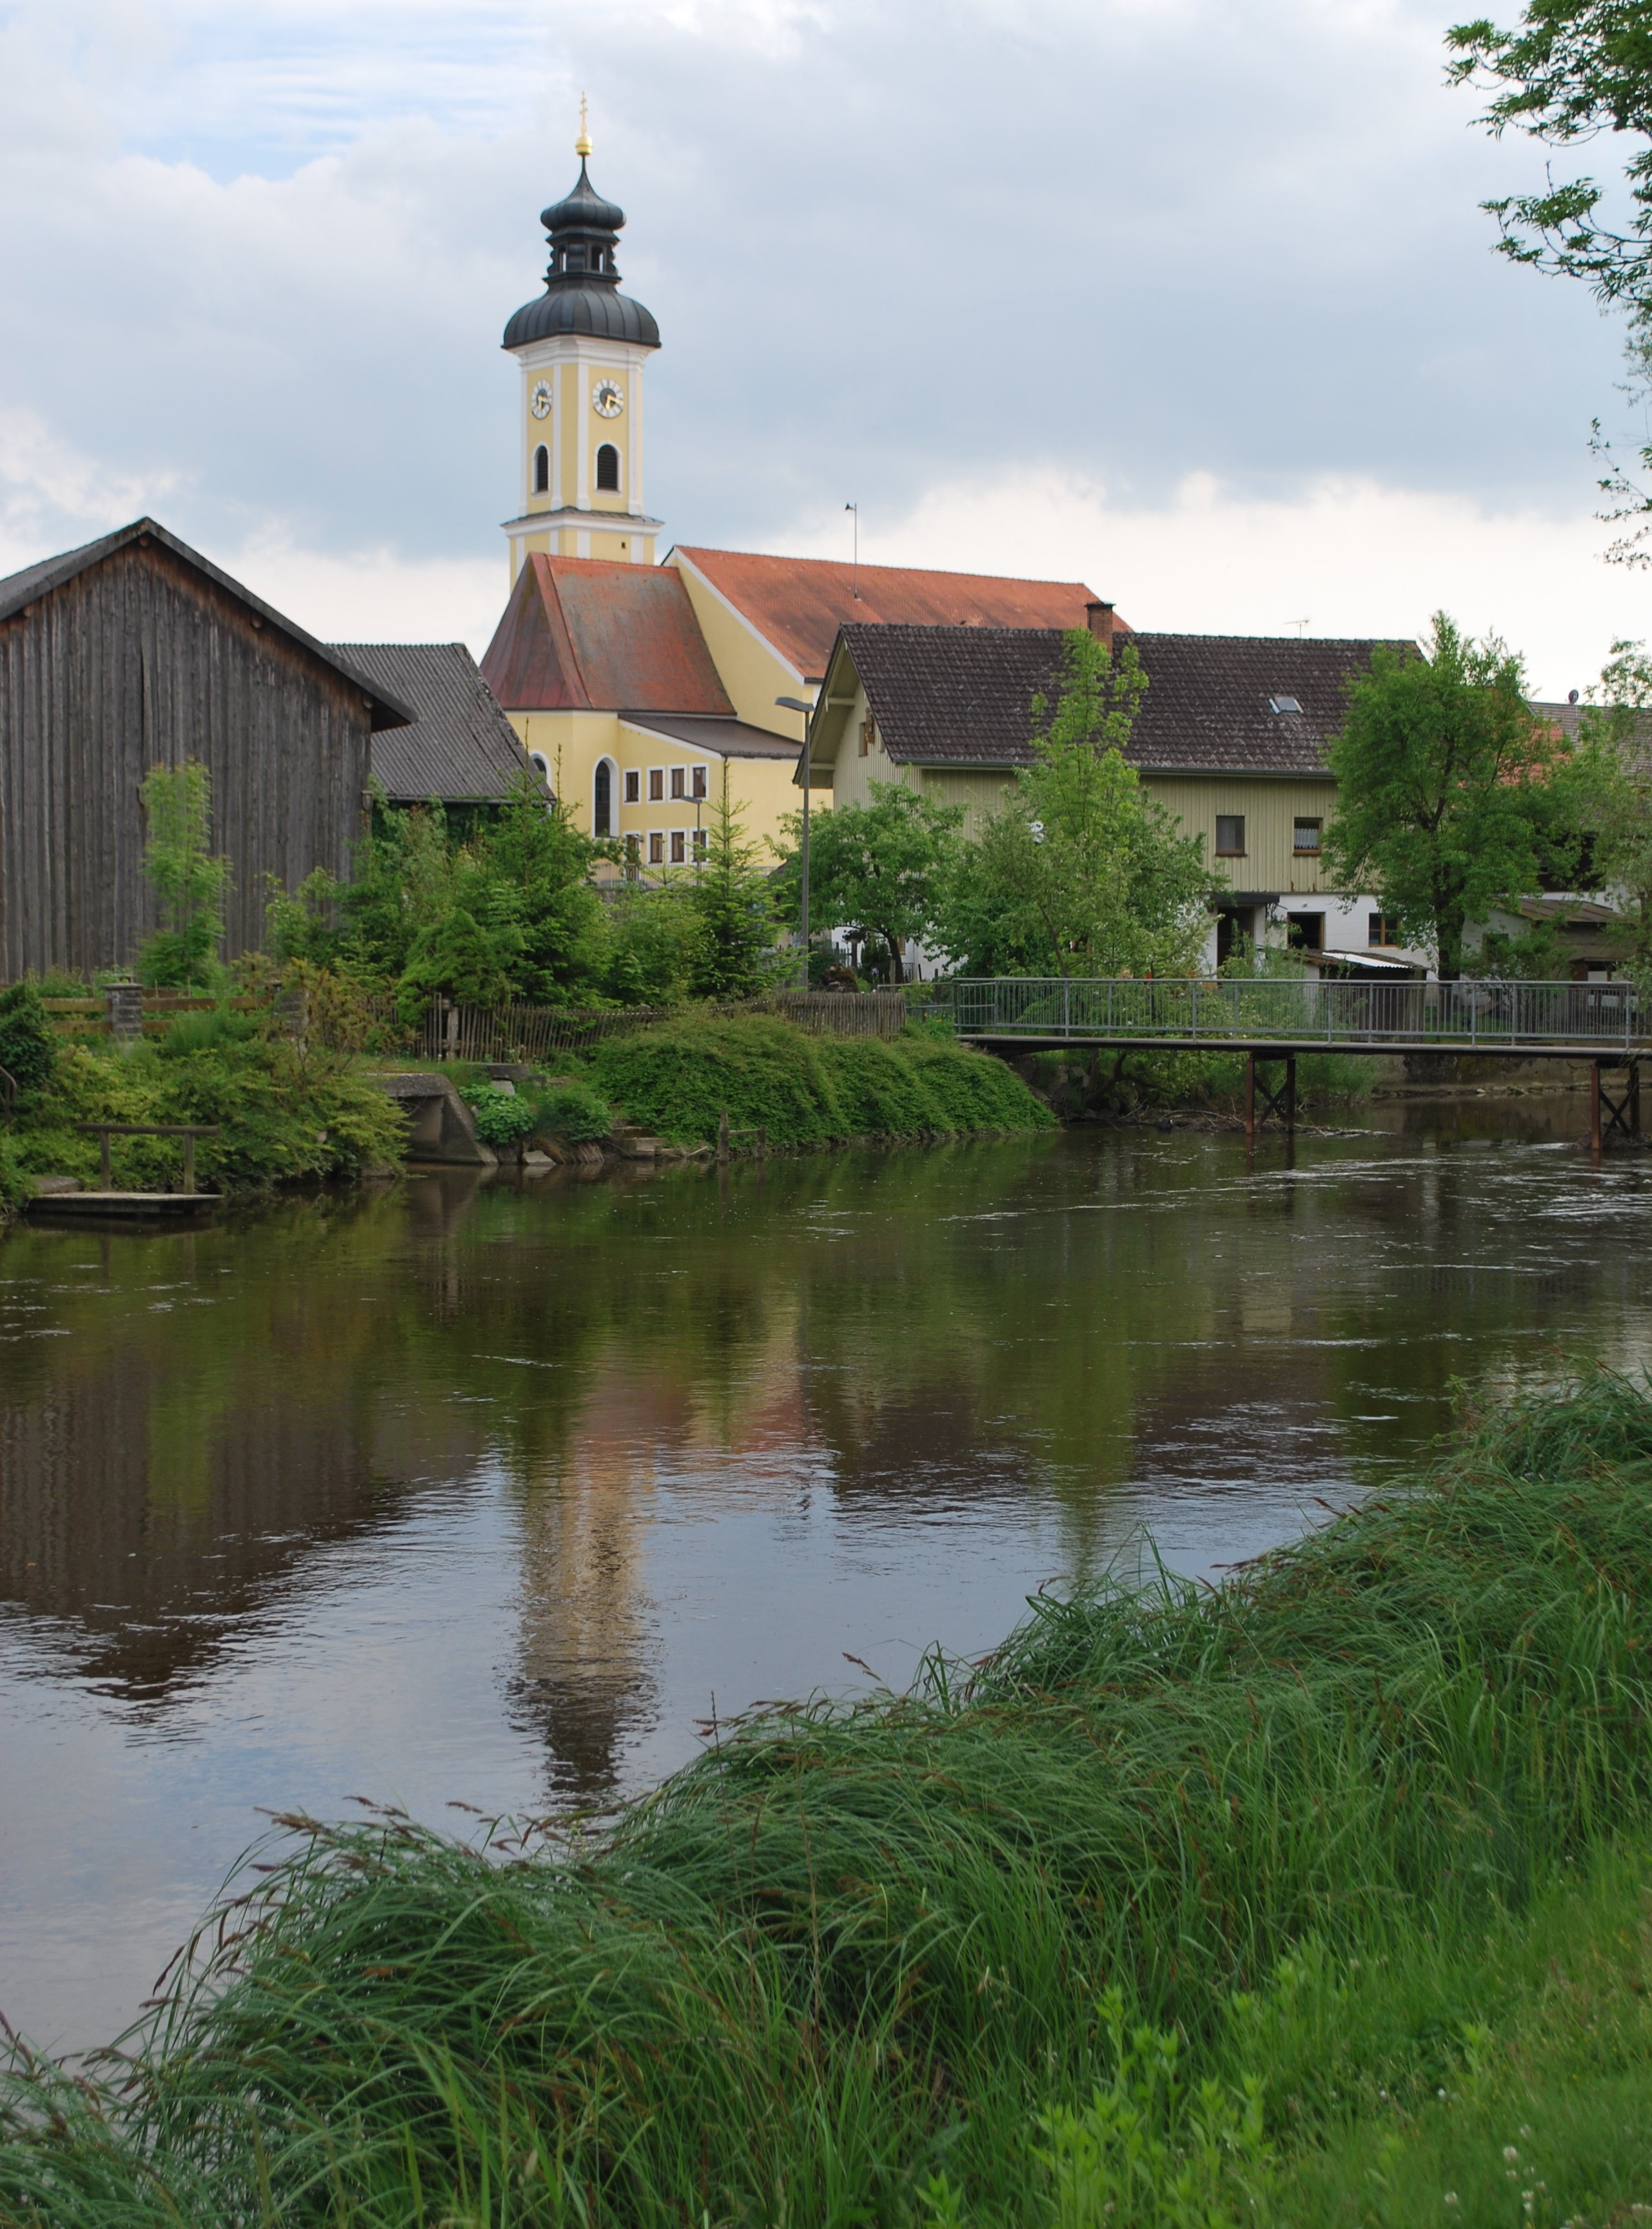 Eichendorf_Pfarrkirche_St_Martin.JPG